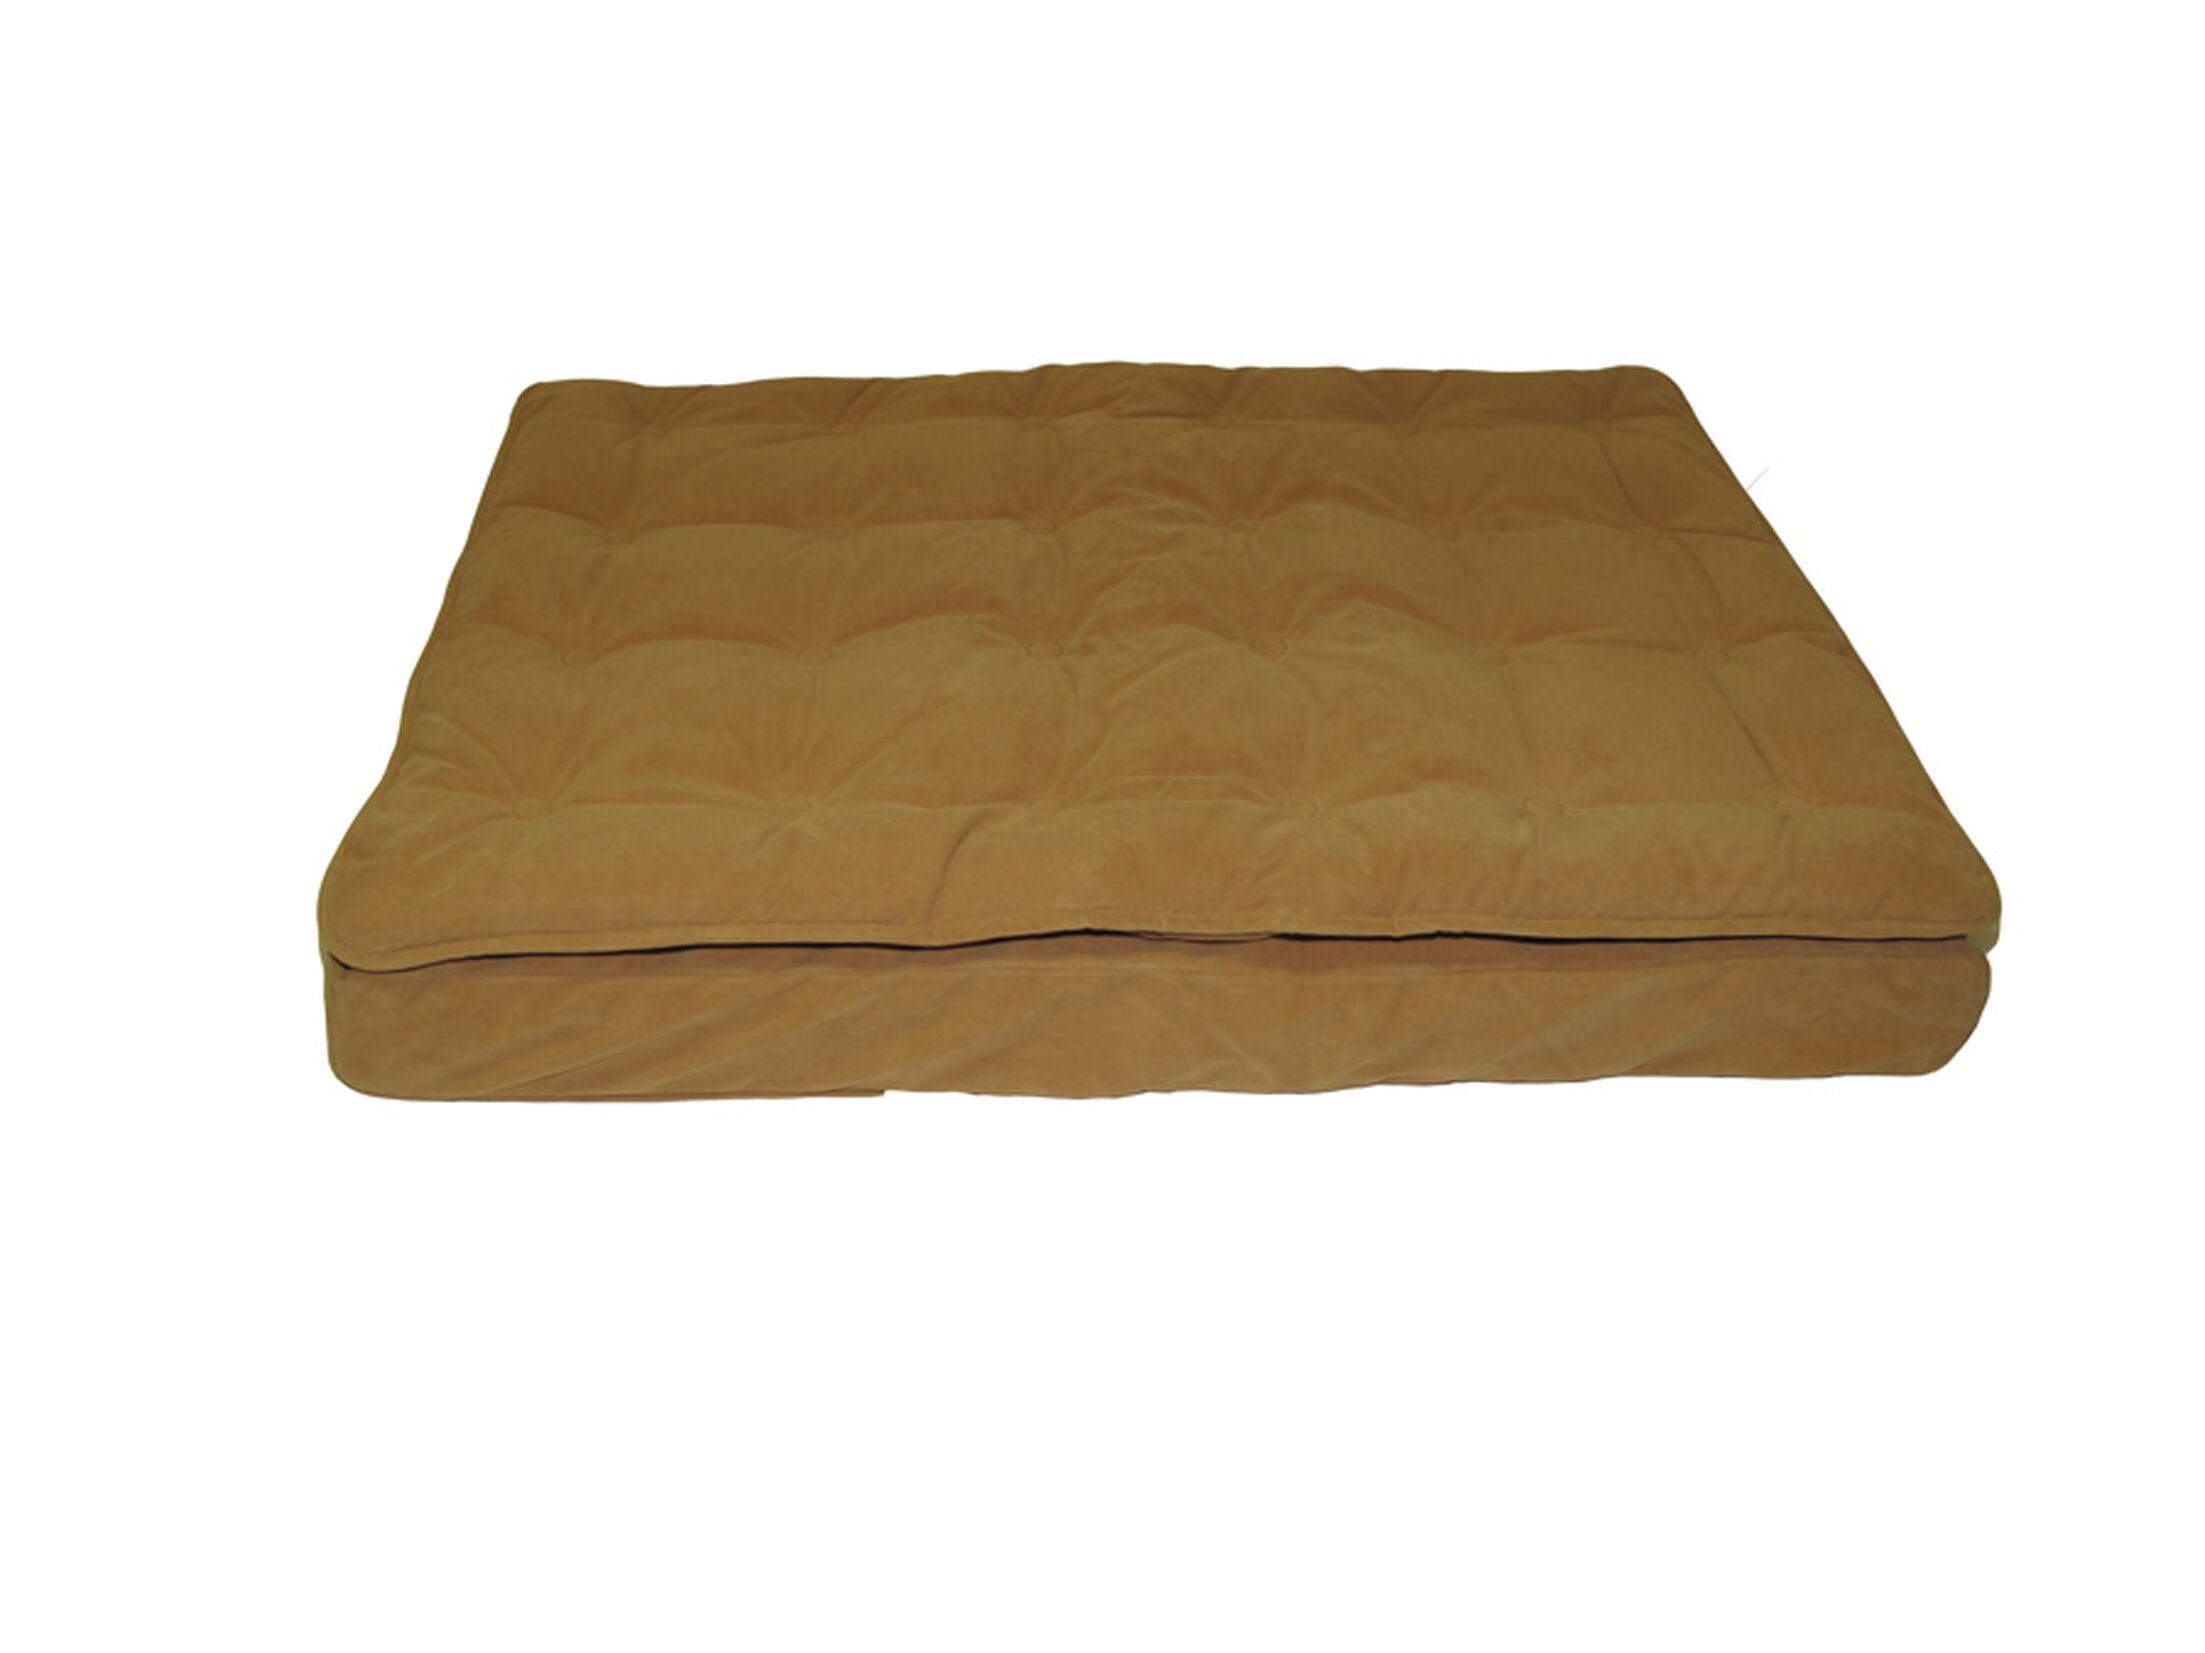 Luxury Pillow Top Mattress Pet Bed in Caramel Size: Medium